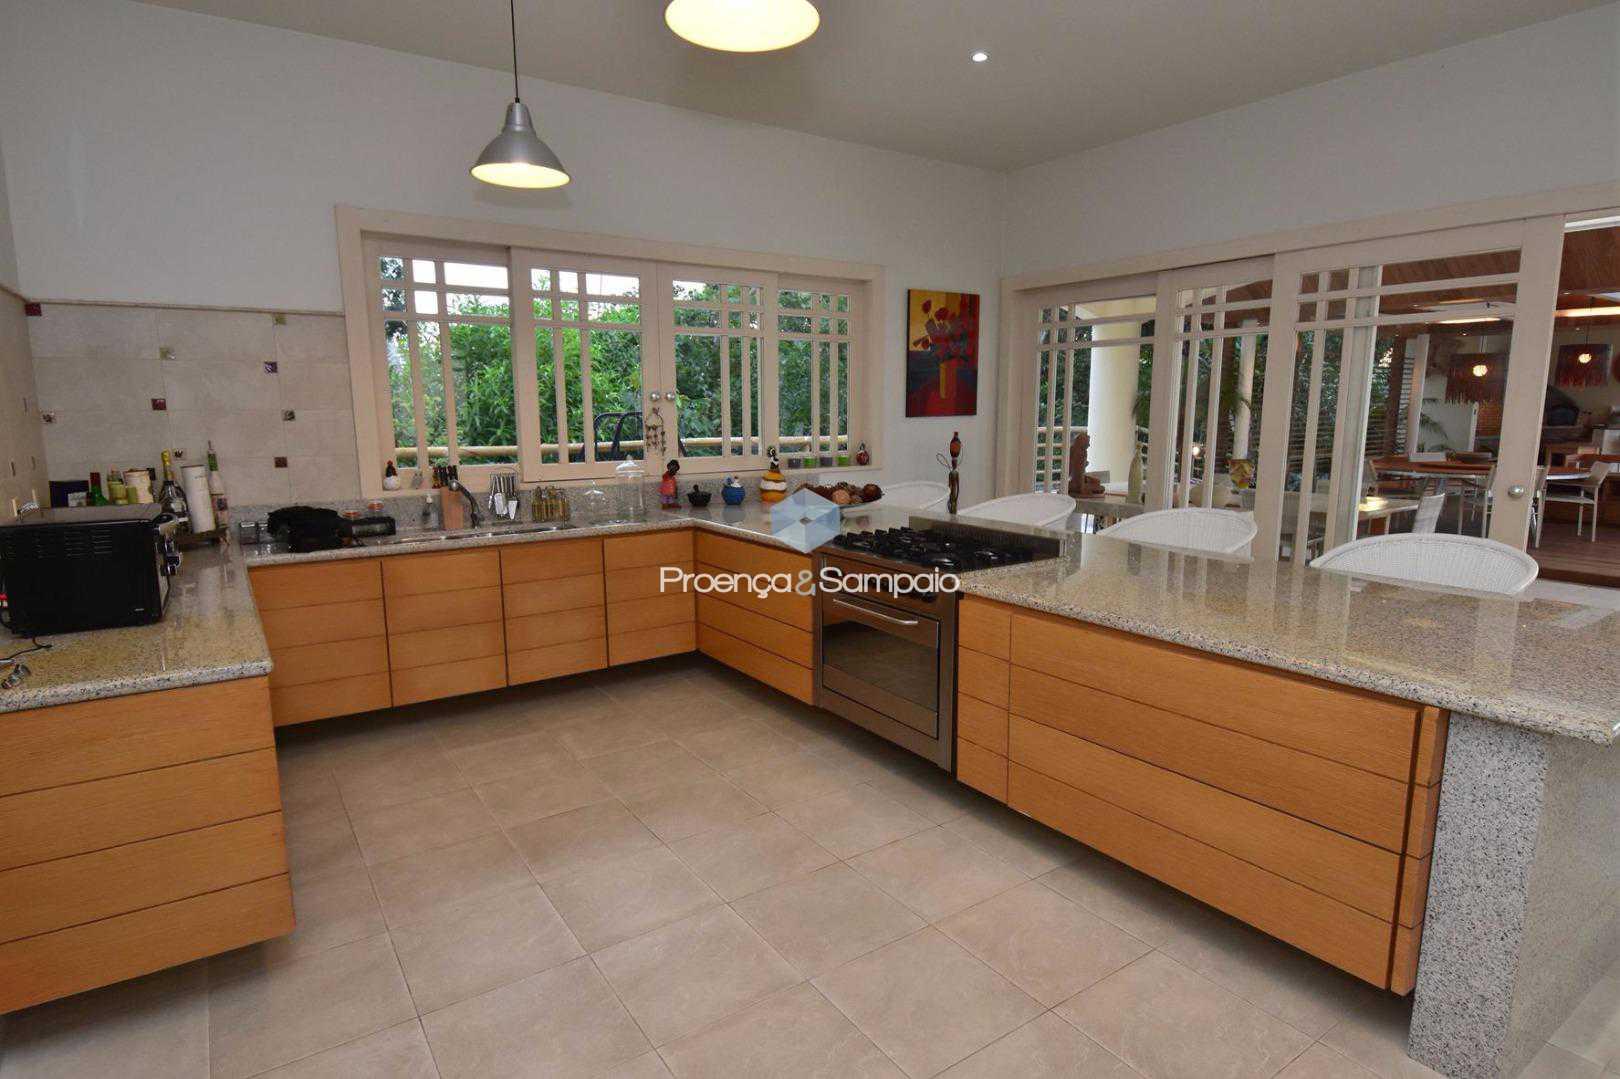 FOTO13 - Casa em Condomínio 5 quartos à venda Lauro de Freitas,BA - R$ 6.000.000 - PSCN50015 - 15